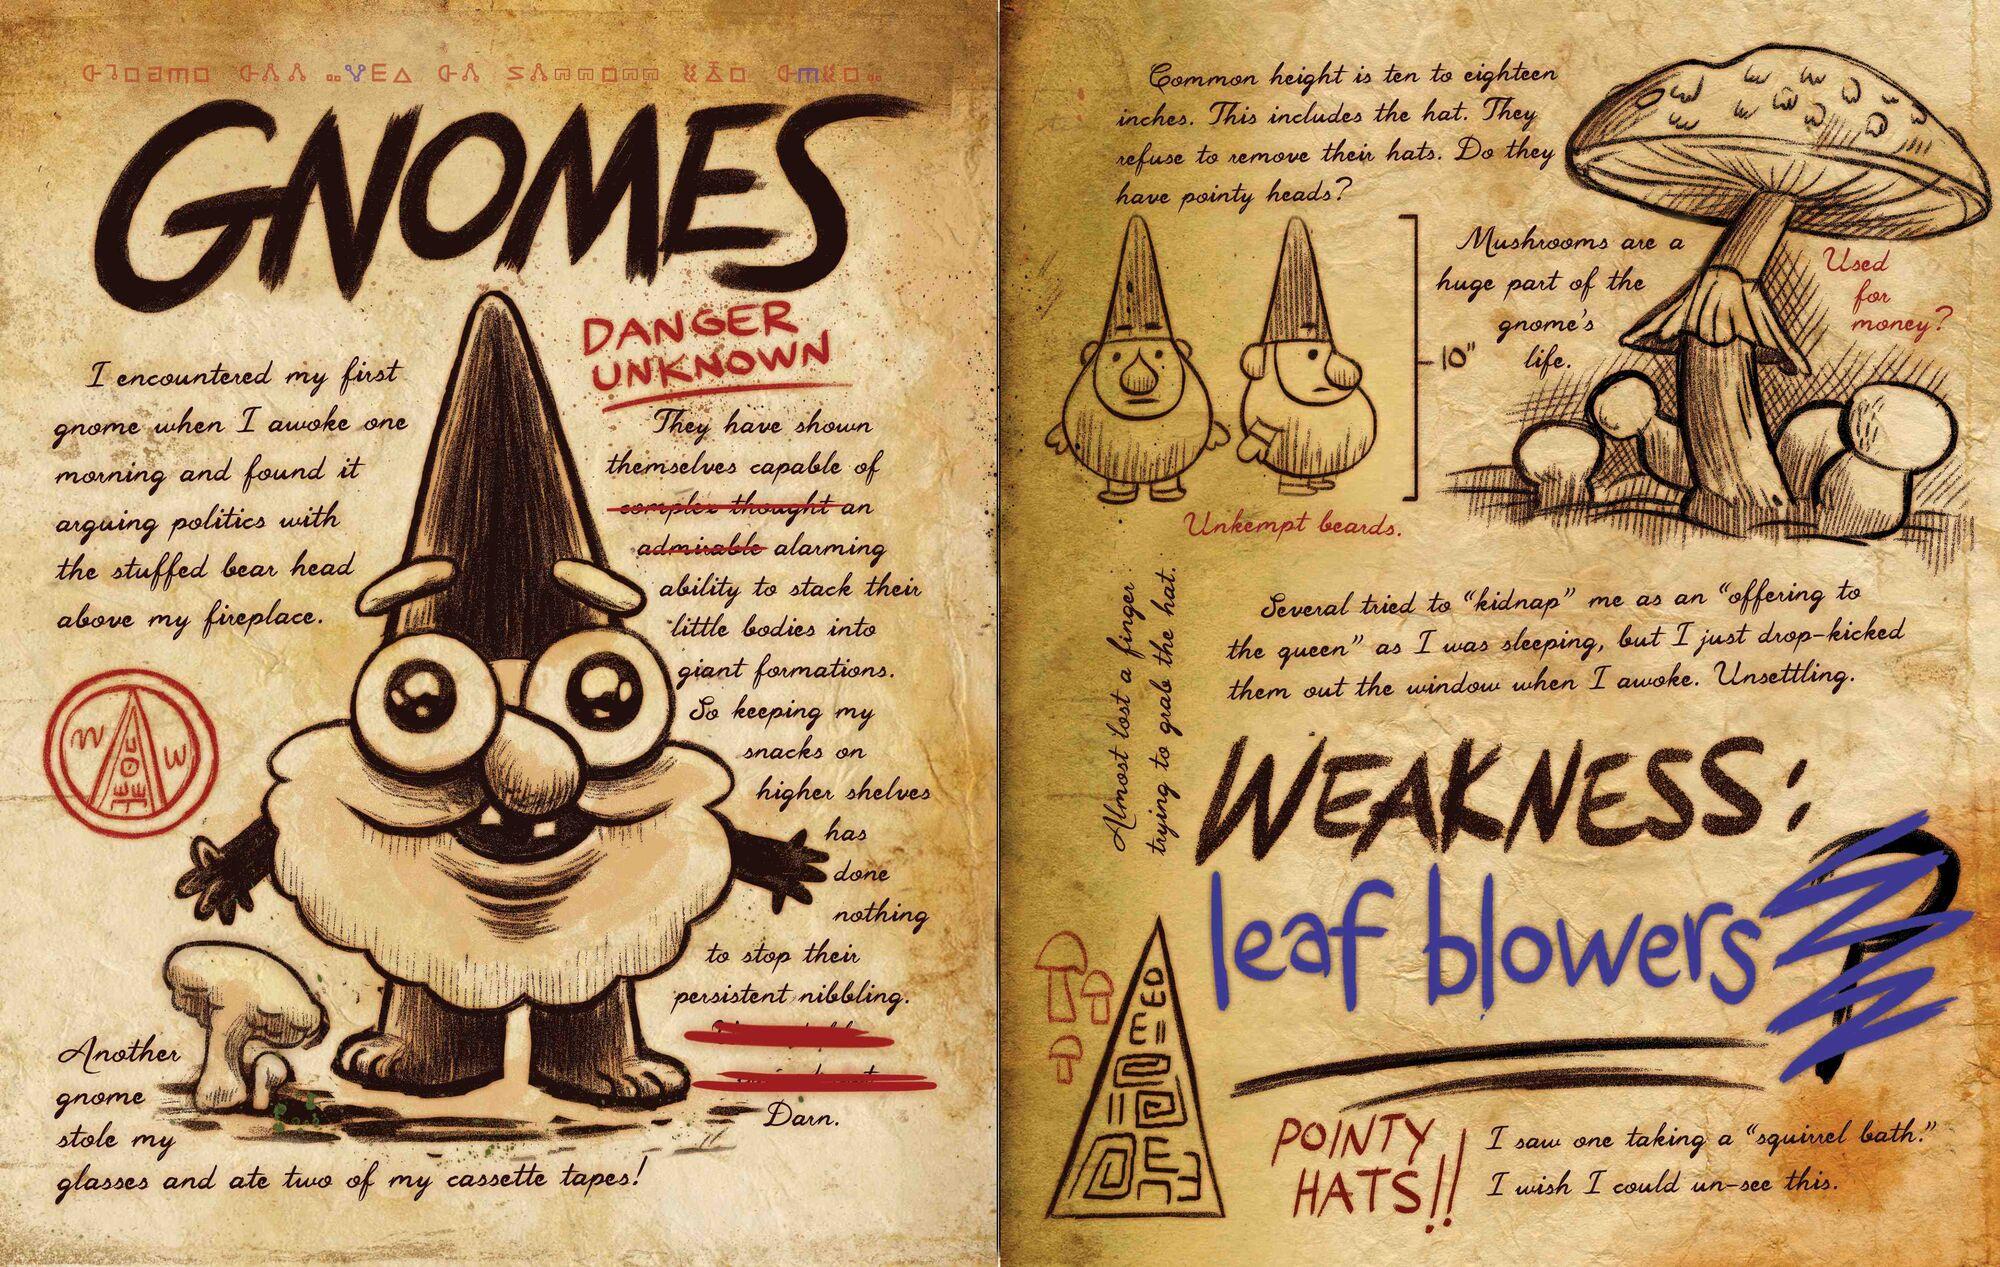 image gf journal 3 01 jpg disney wiki fandom powered by wikia